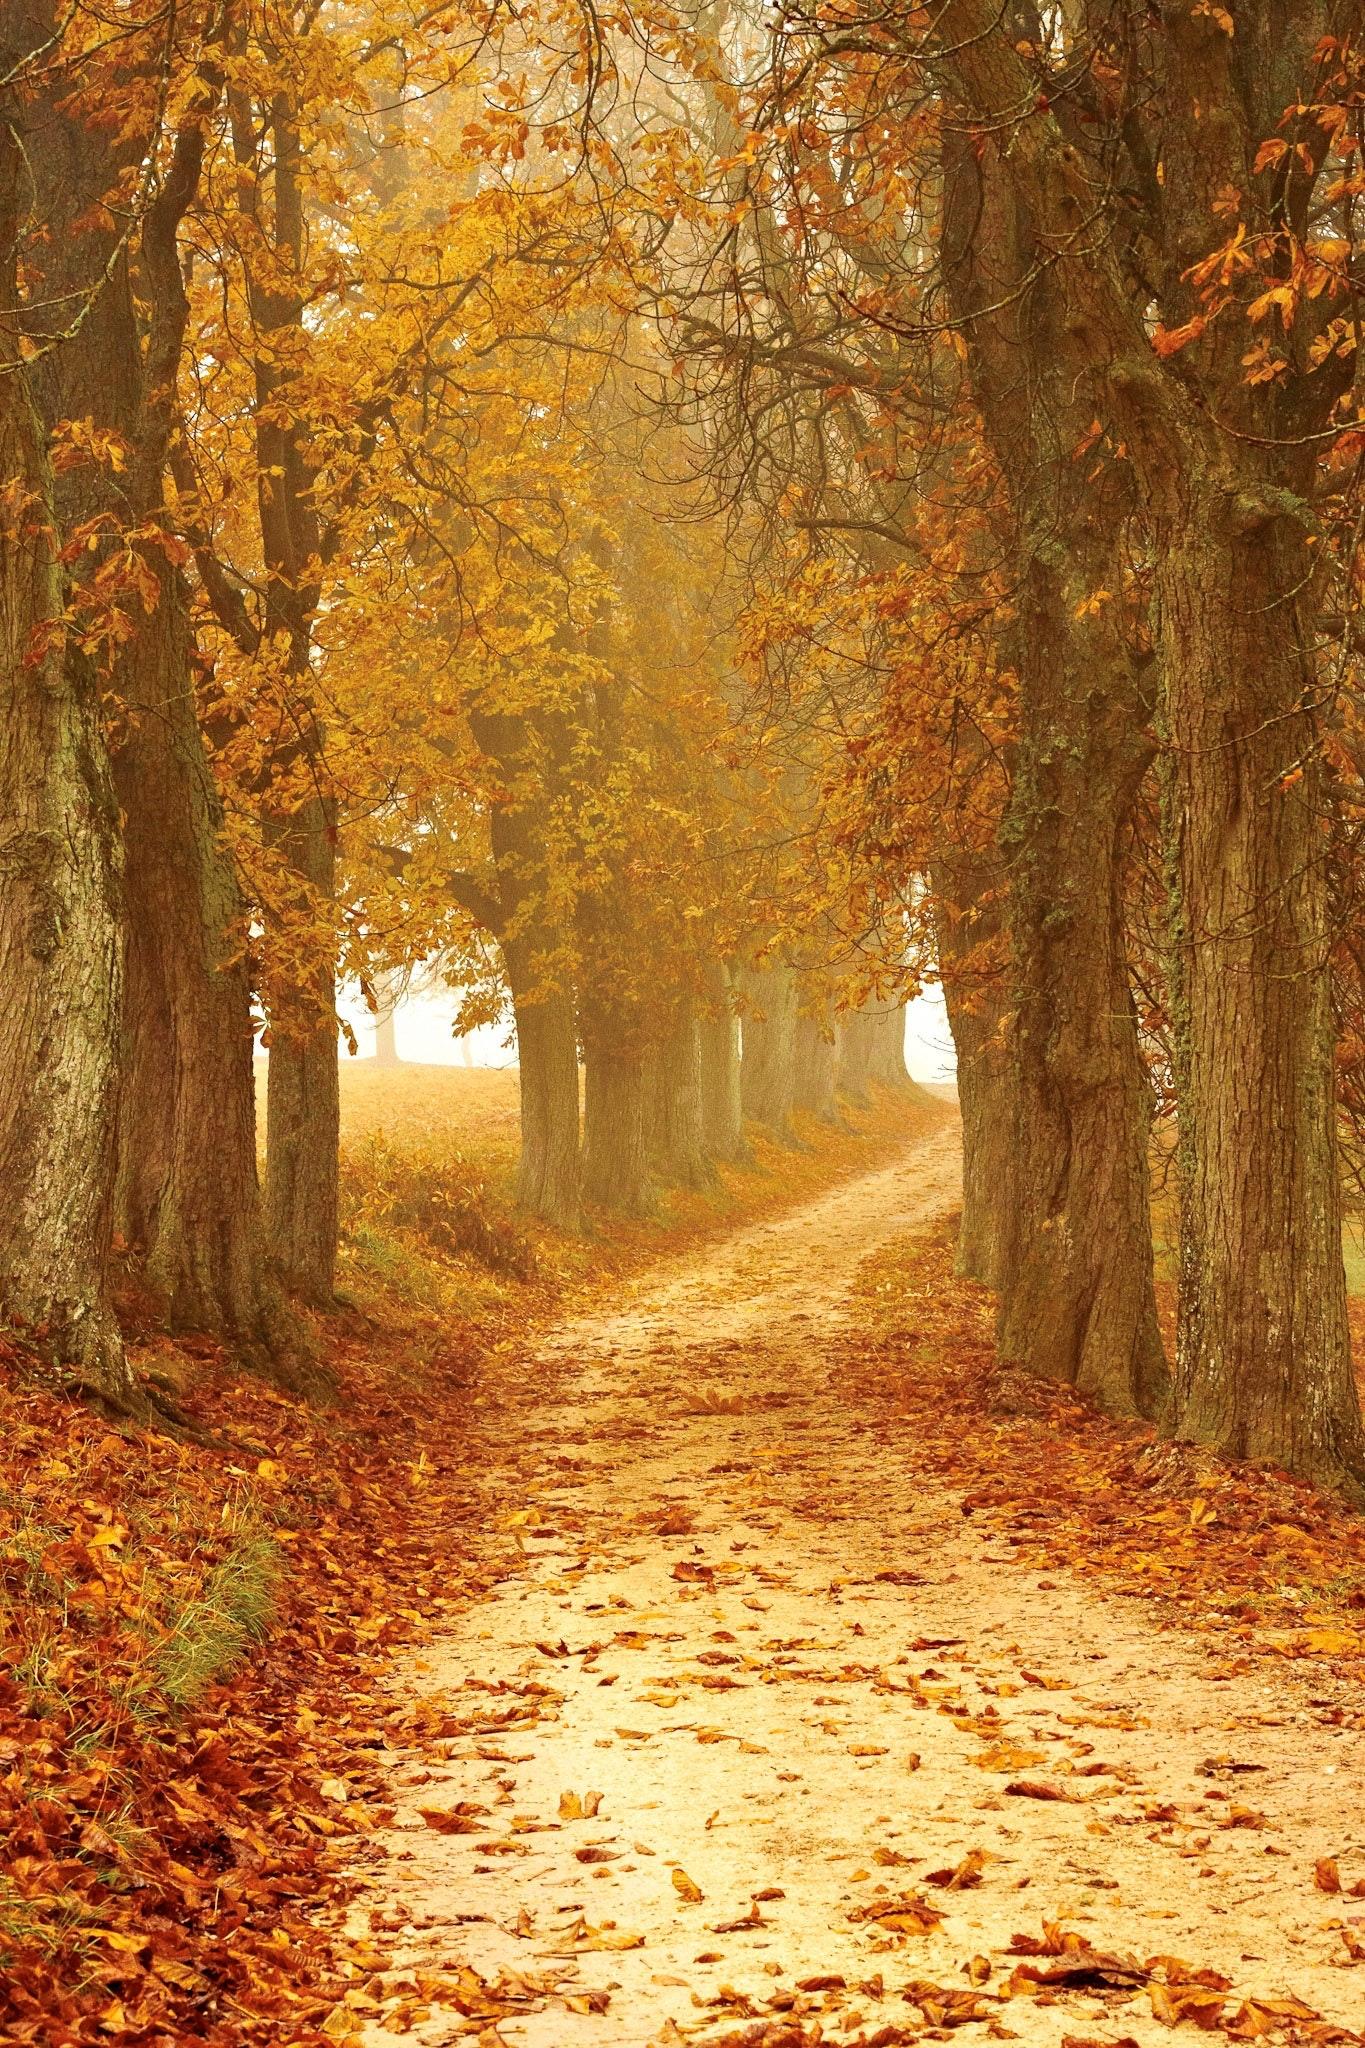 autumn-autumn-colours-brown-358238.jpg